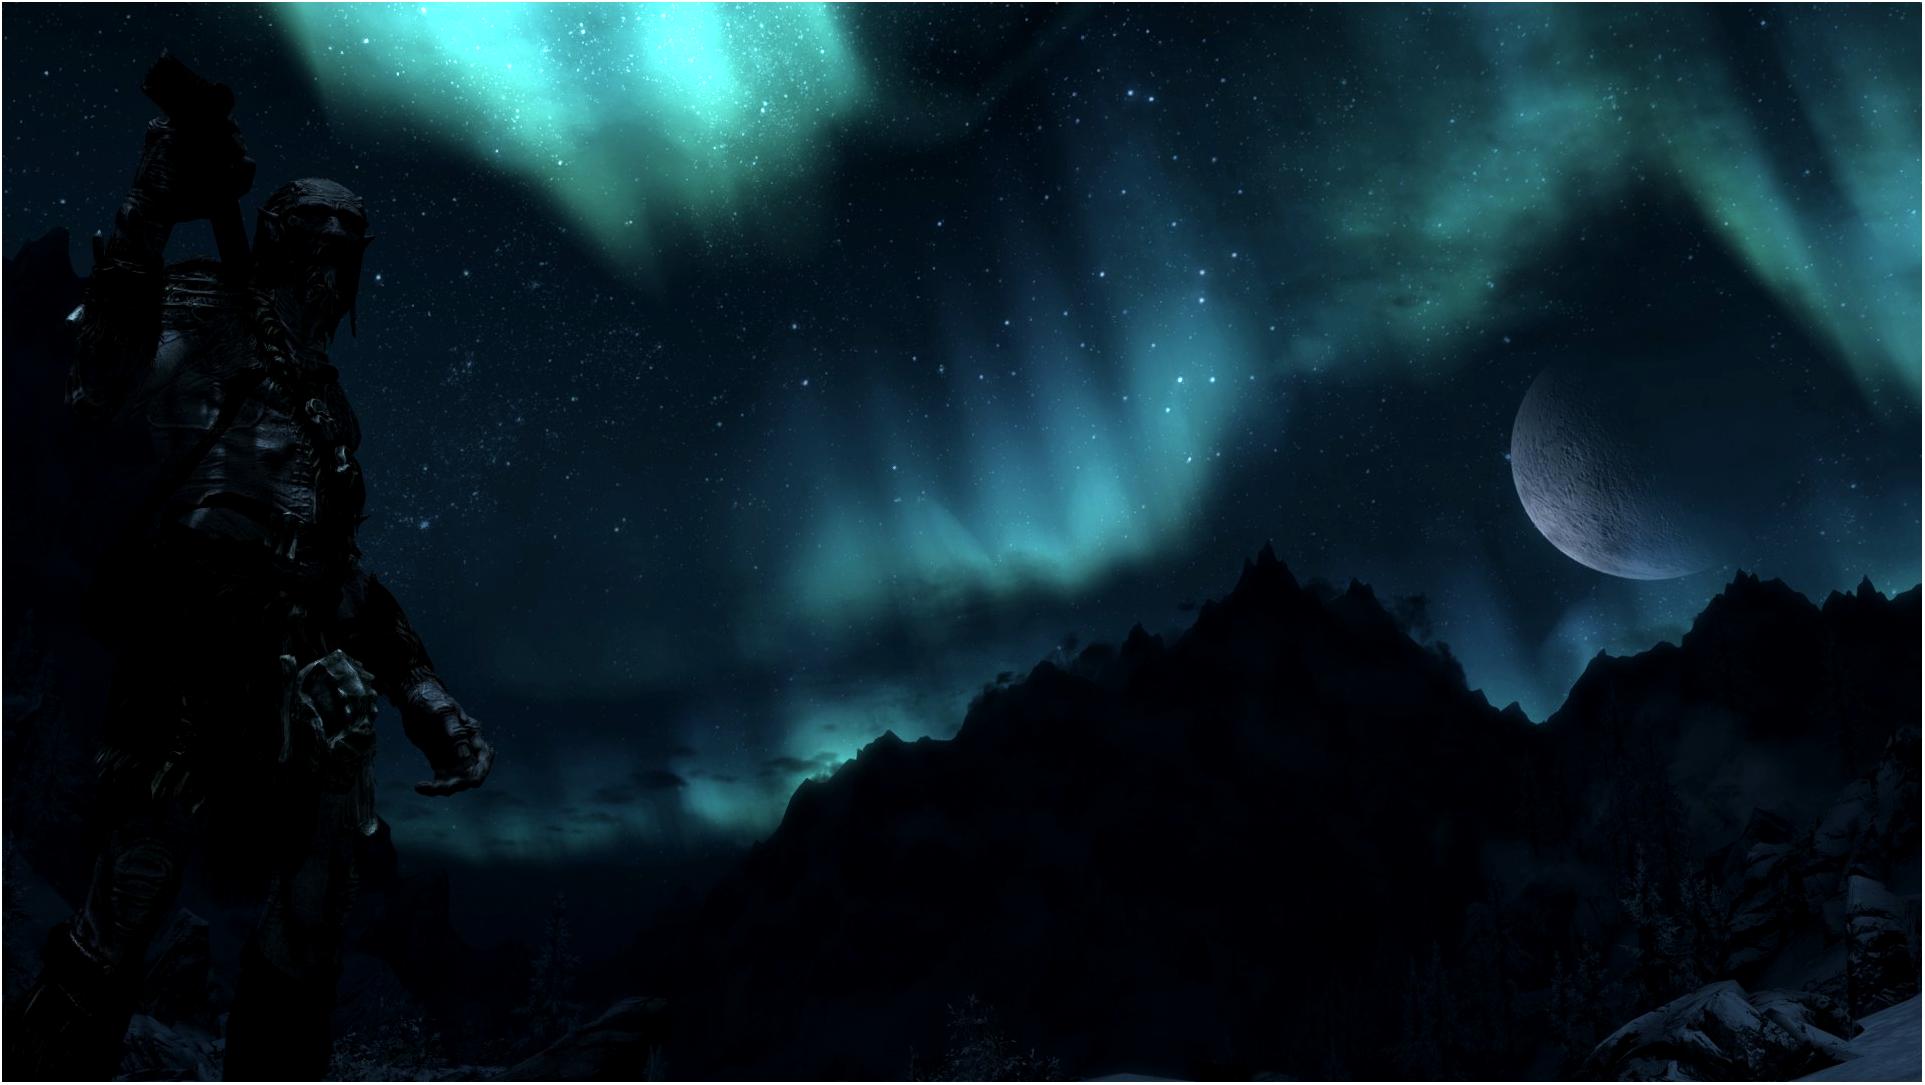 Elder Scrolls V Skyrim_0076_JTC.png